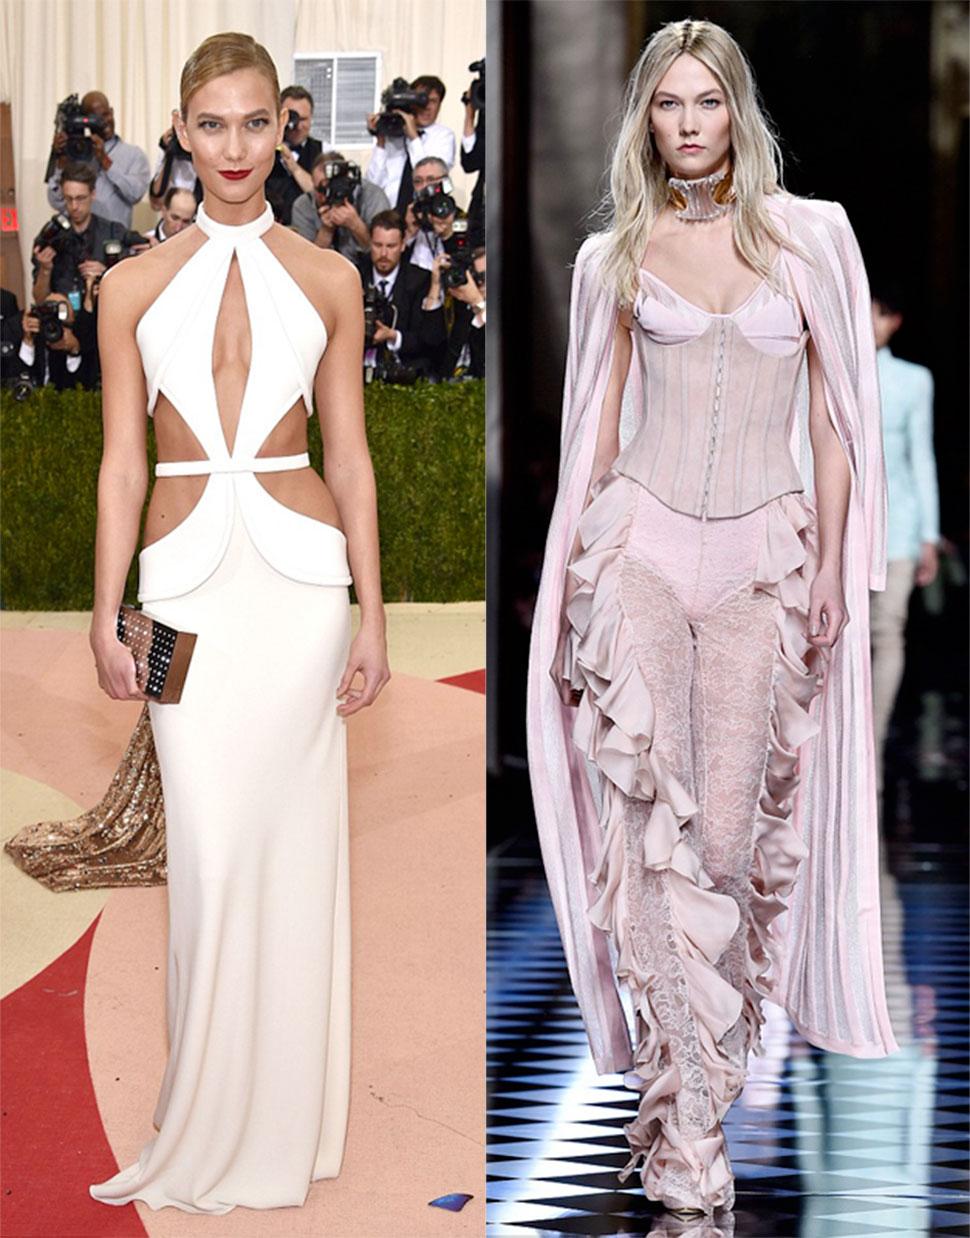 4. Карли Клосс — 10 миллионов долларов Бывшая модель Victoria's Secret заработала большую часть дене